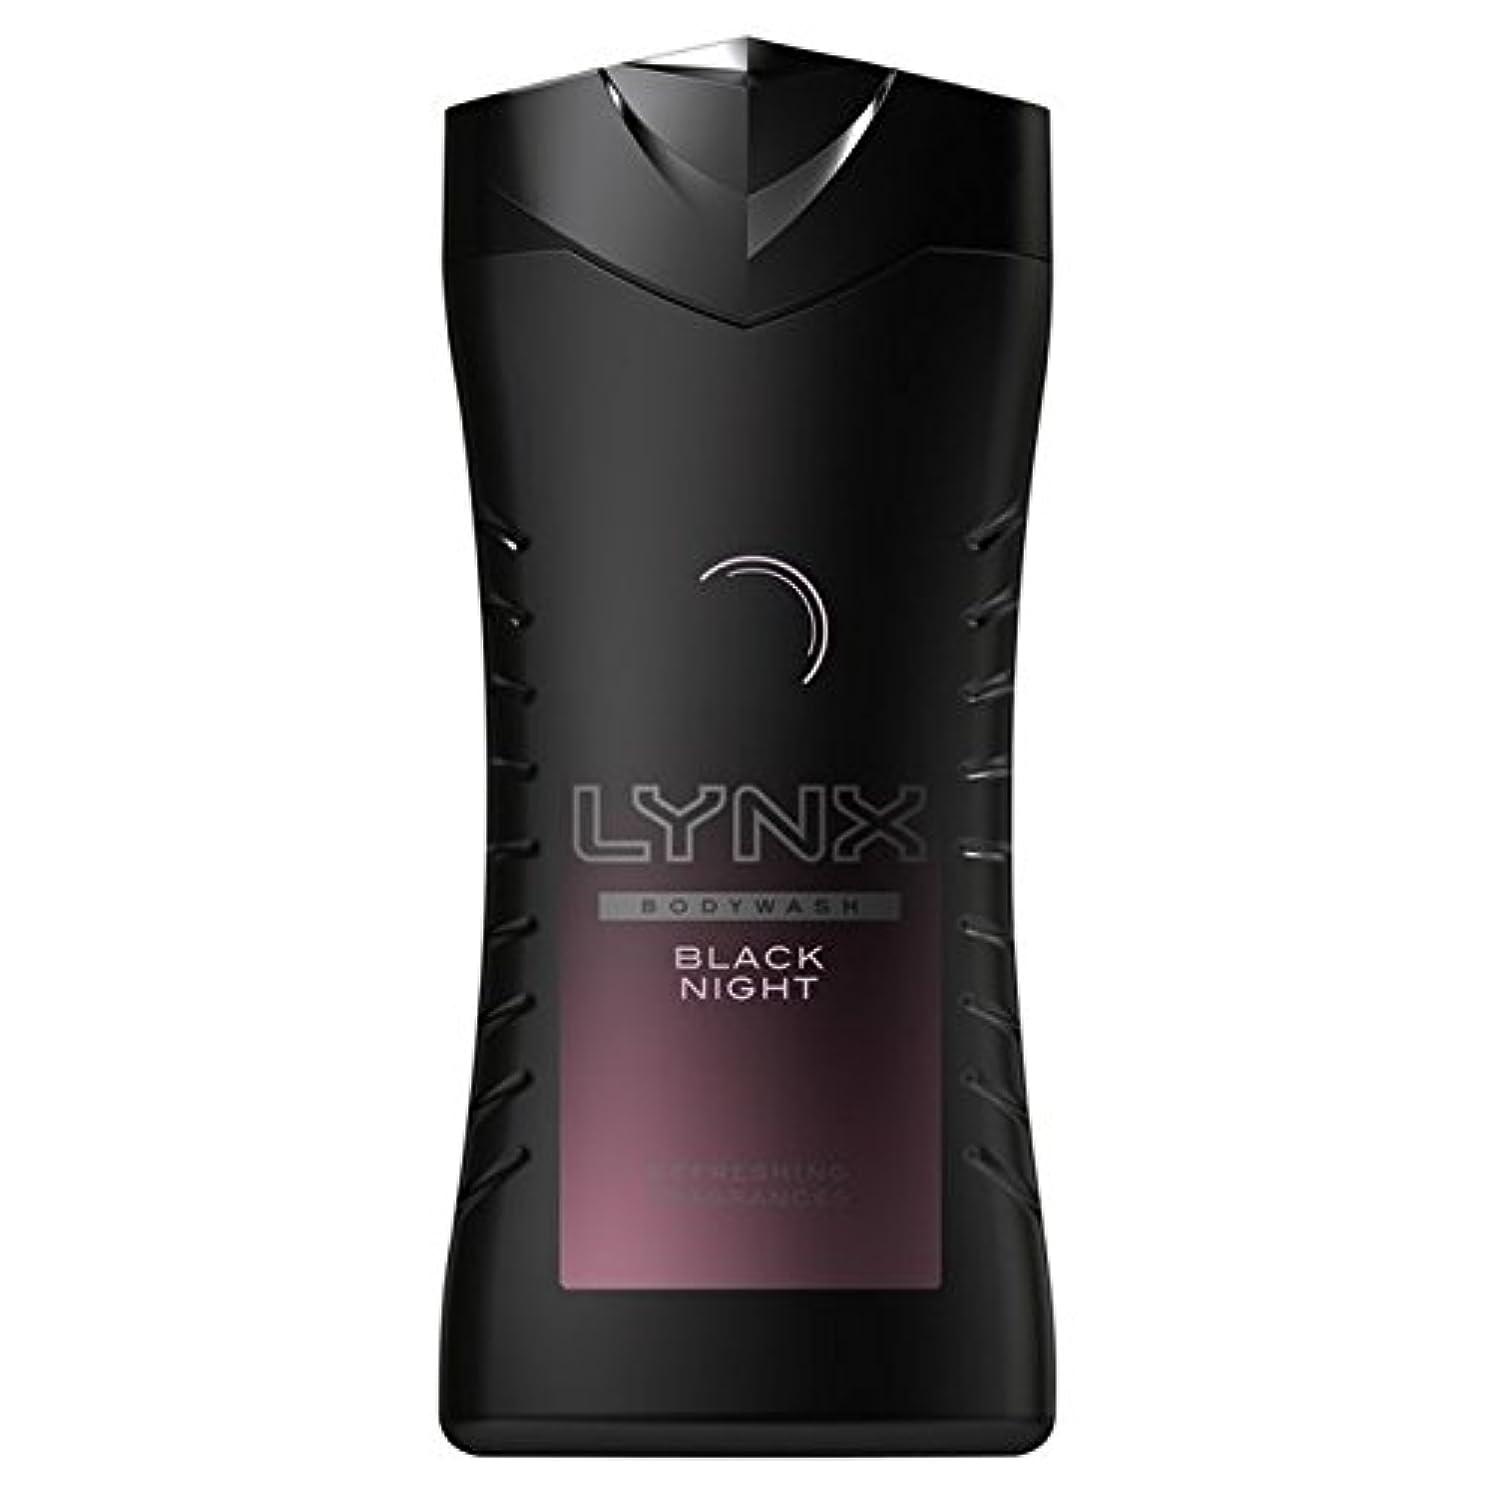 マイナスショッキング素人Lynx Black Night Shower Gel 250ml - オオヤマネコ黒夜シャワージェル250ミリリットル [並行輸入品]